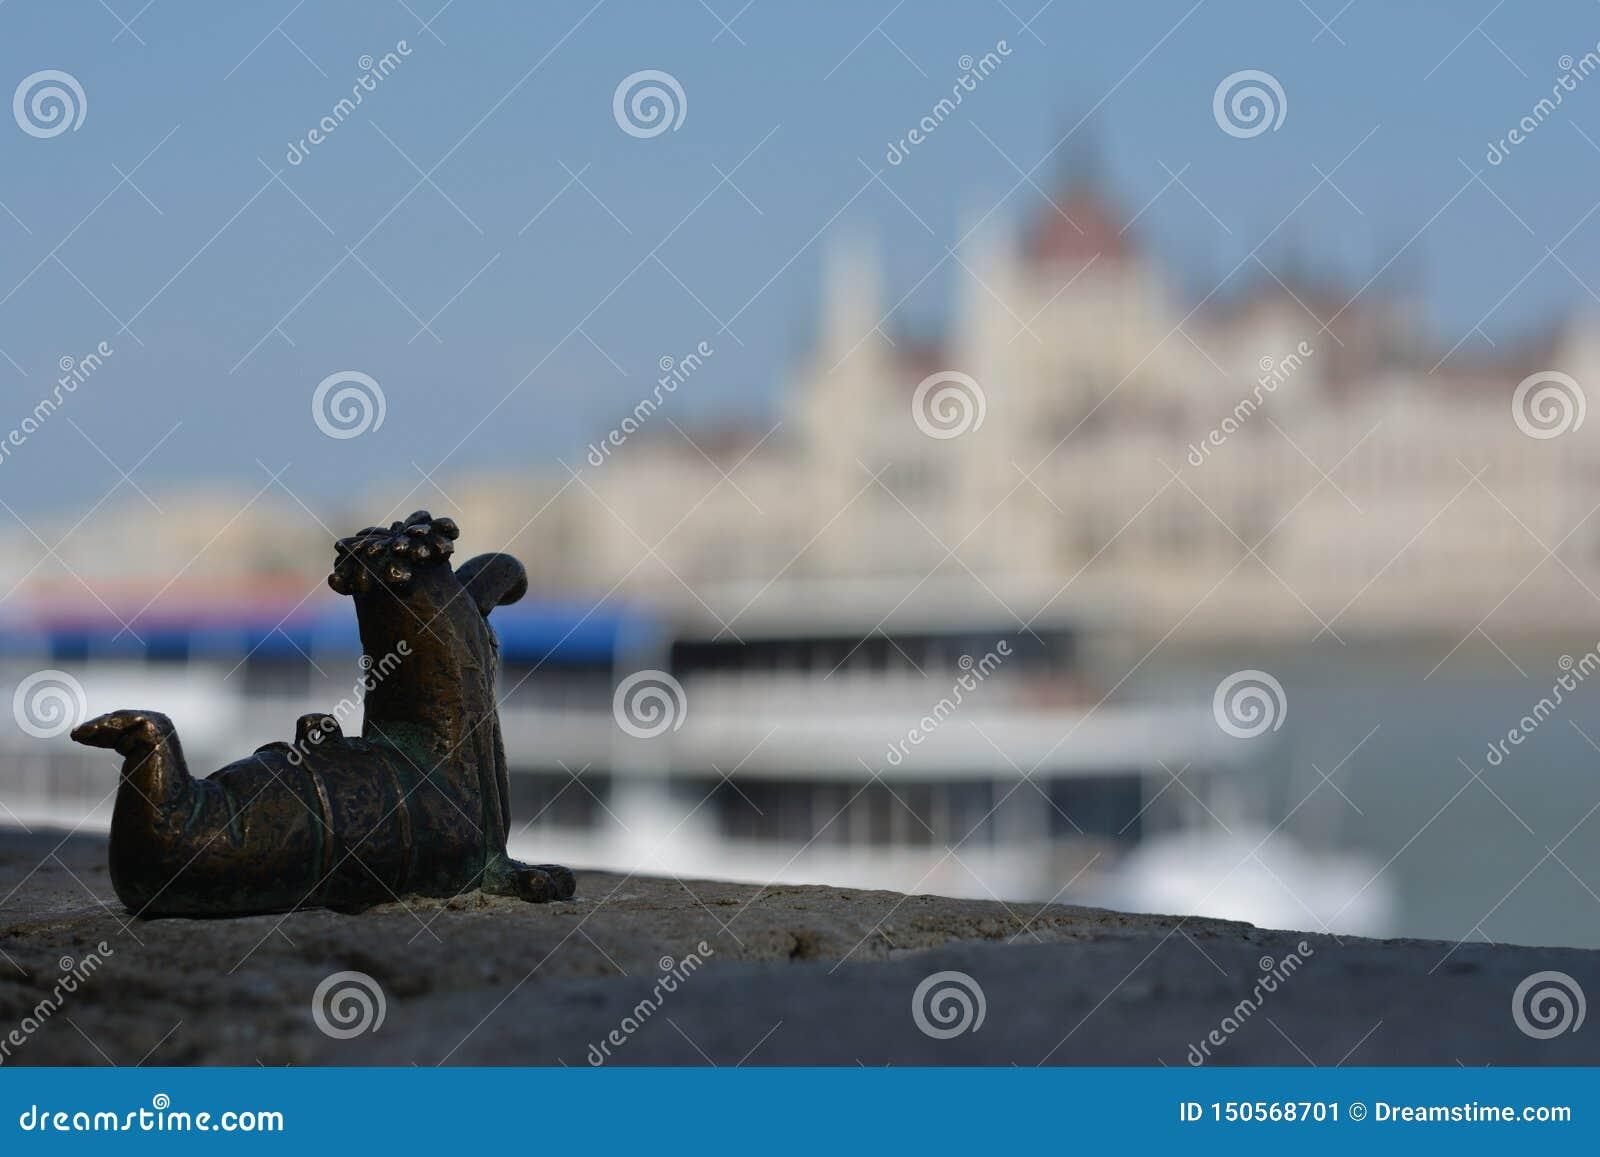 Ein kleiner Wurm, der Budapest aufpasst